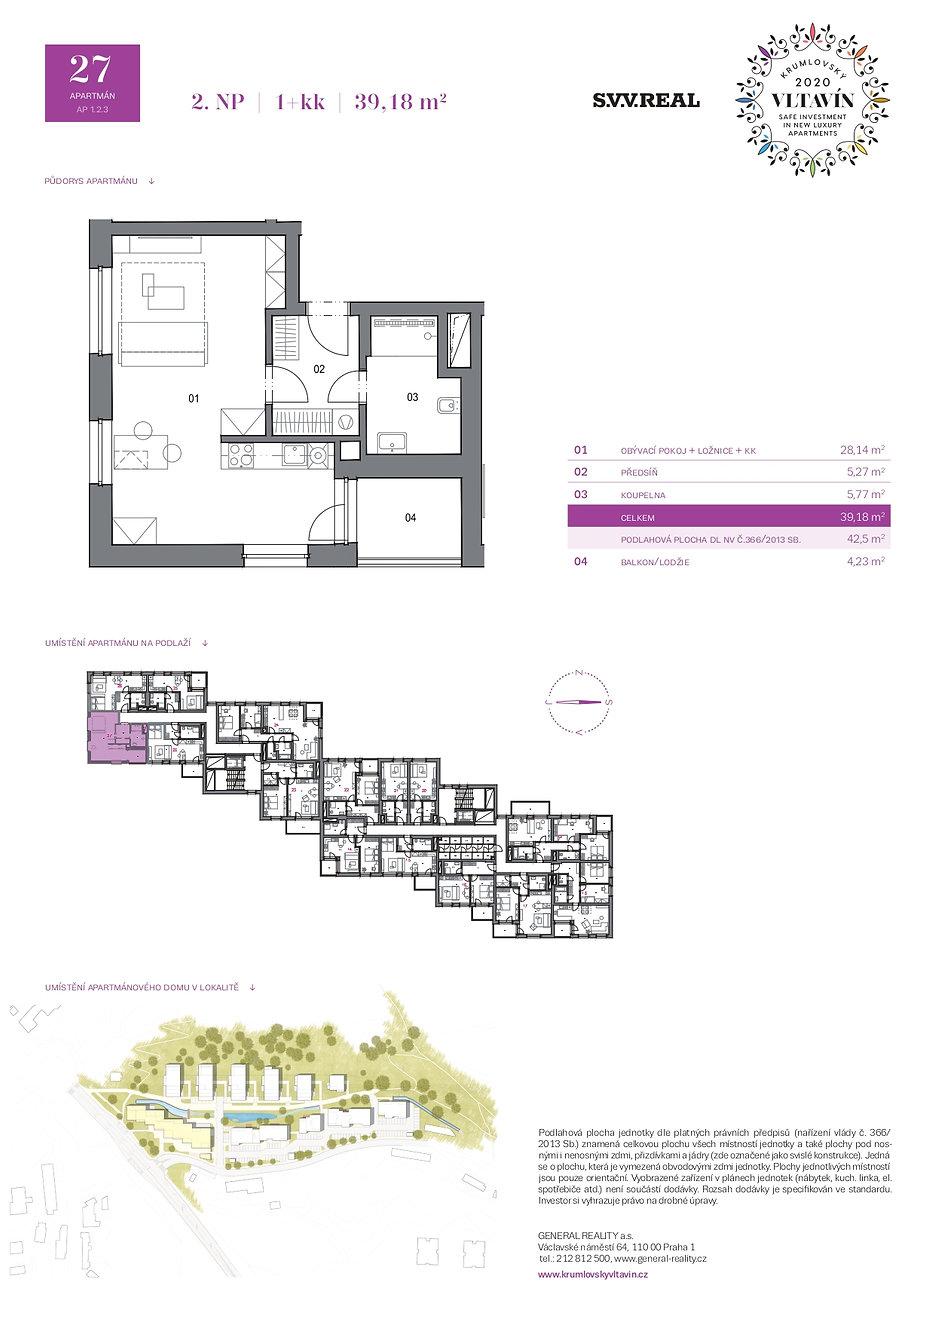 GR_krumlovsky-vltavin_bytove-karty-apartmany_2NP_A27_pages-to-jpg-0001.jpg